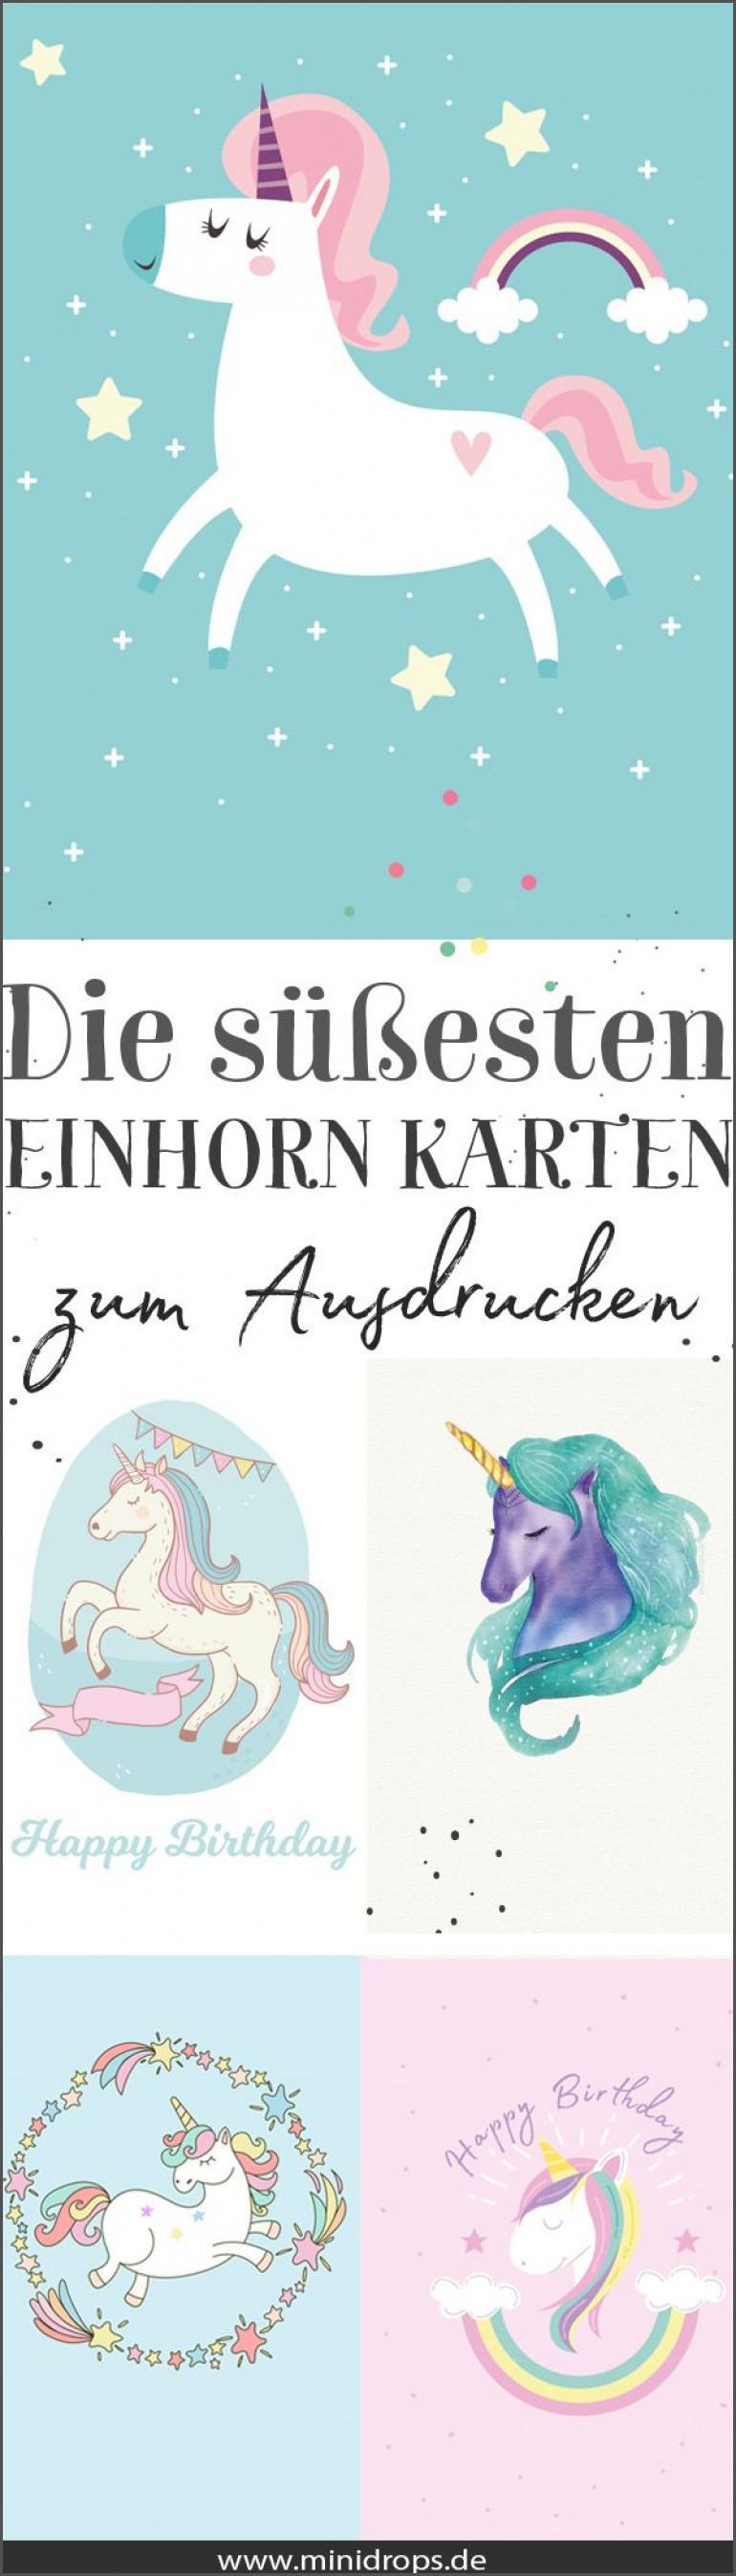 Einhorn Ausmalbilder Zum Ausdrucken Einzigartig Happy Birthday Karte Zum Ausdrucken Bilder Happy Birthday Karte Zum Bilder